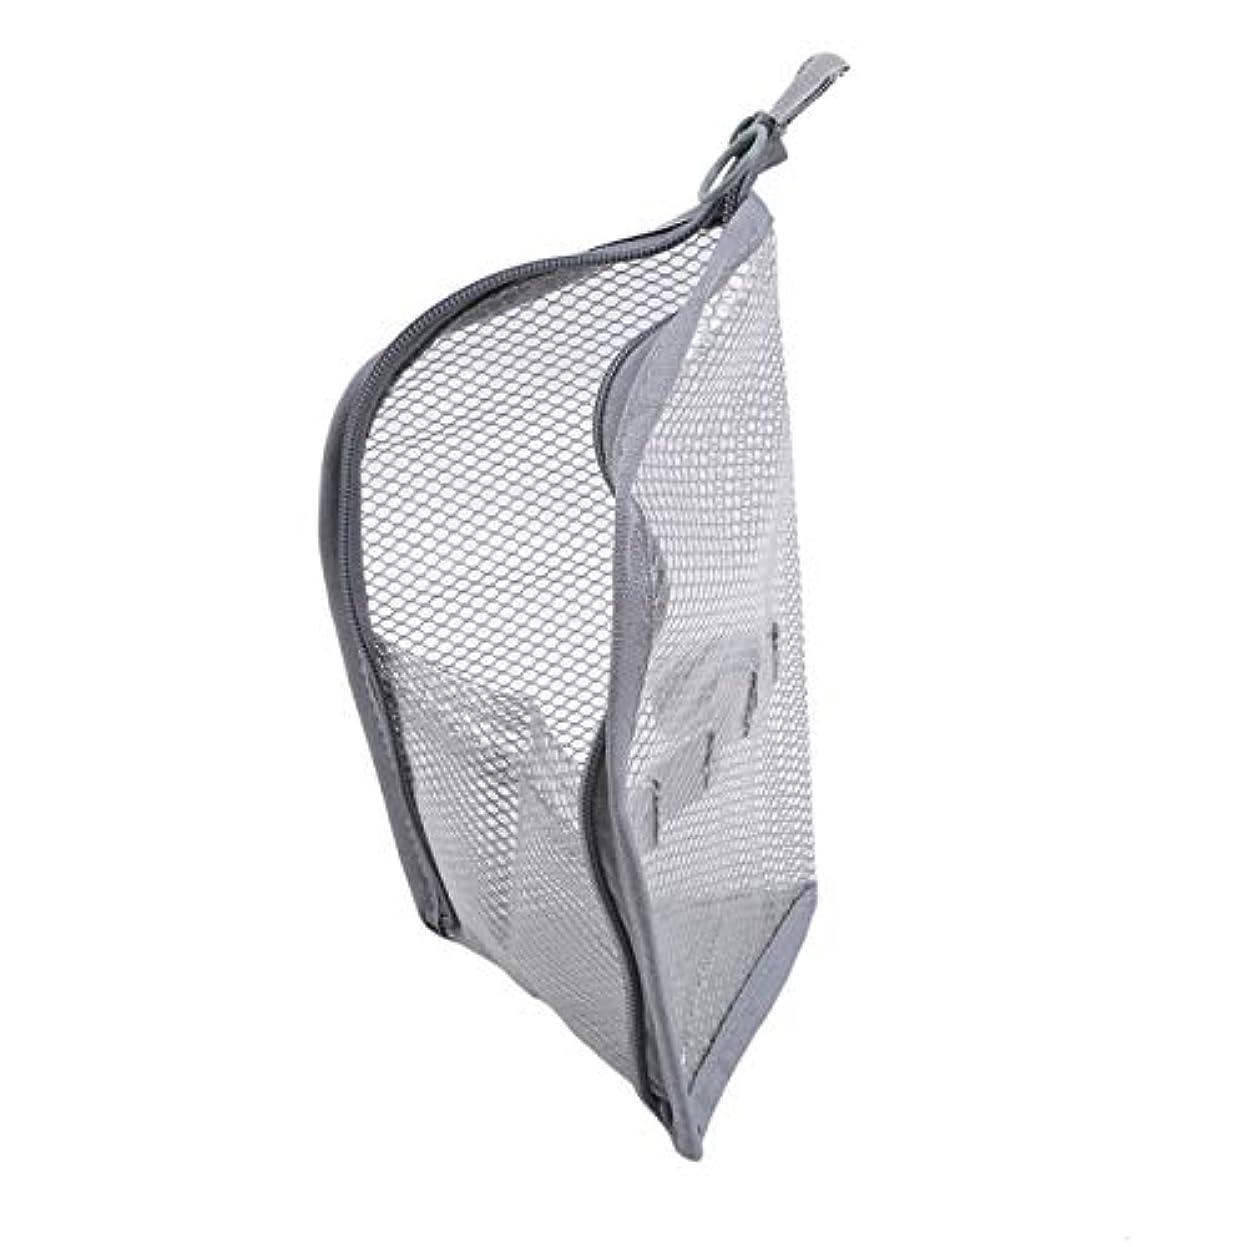 コーチ初期数学的なZALING 休暇旅行のためのジッパー付きポーチ付きポーチ付きの小さなポータブル大容量ストレージバッグメッシュバッグ,グレー